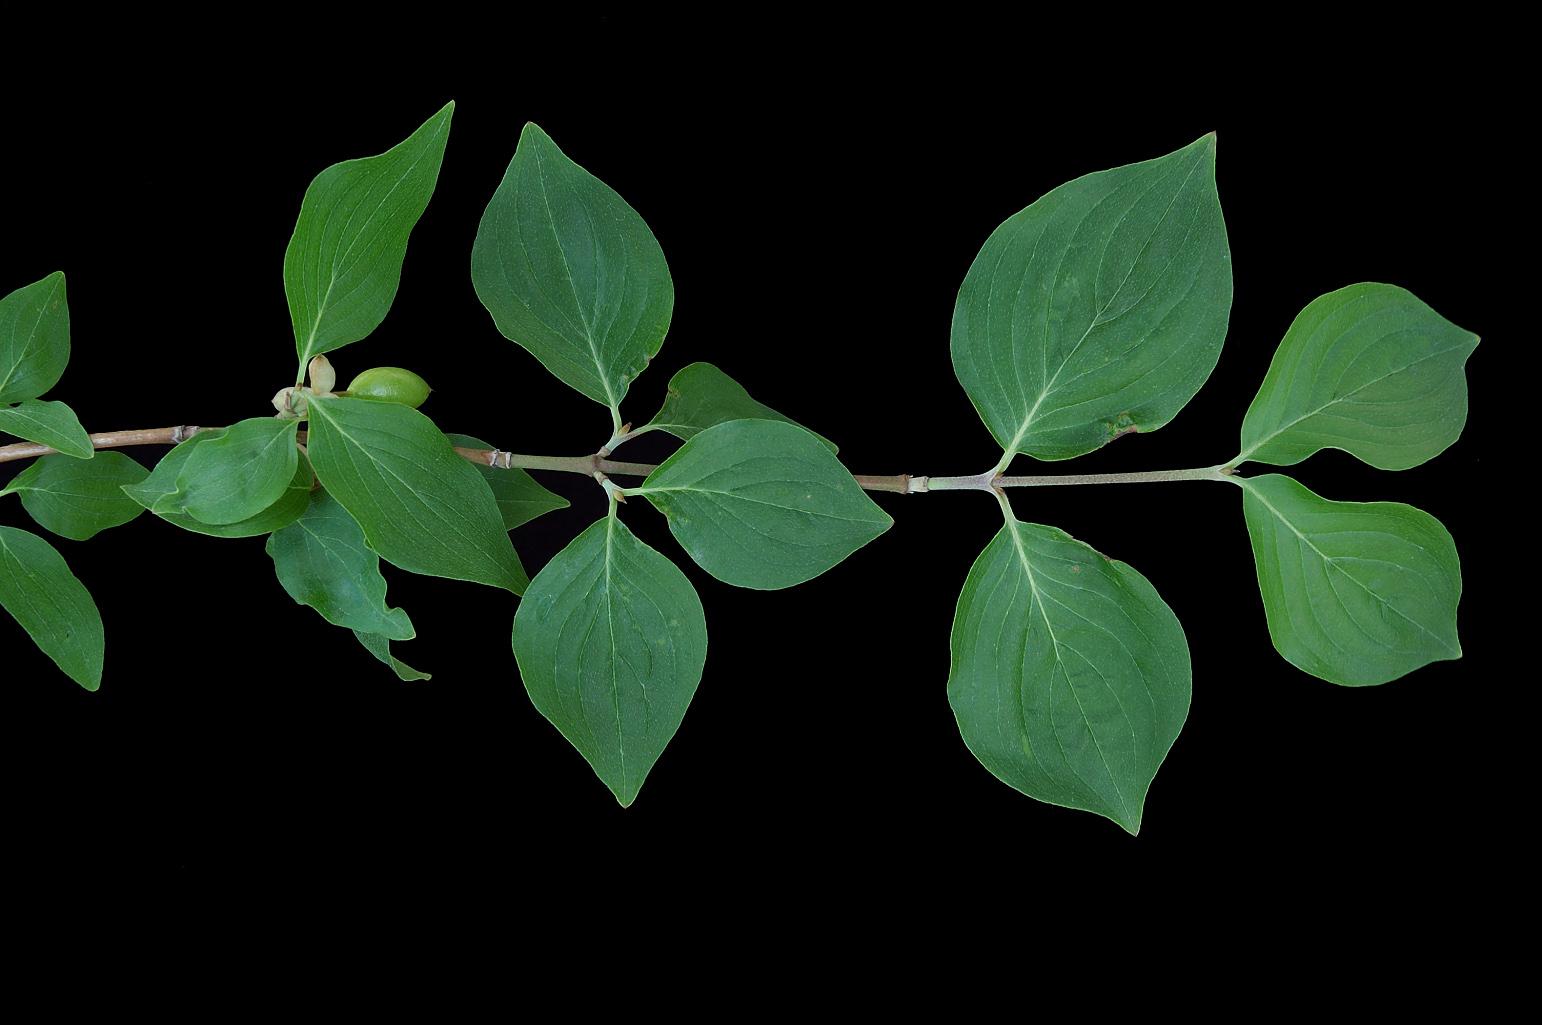 Rama con hojas de nervios laterales muy marcados y arqueados